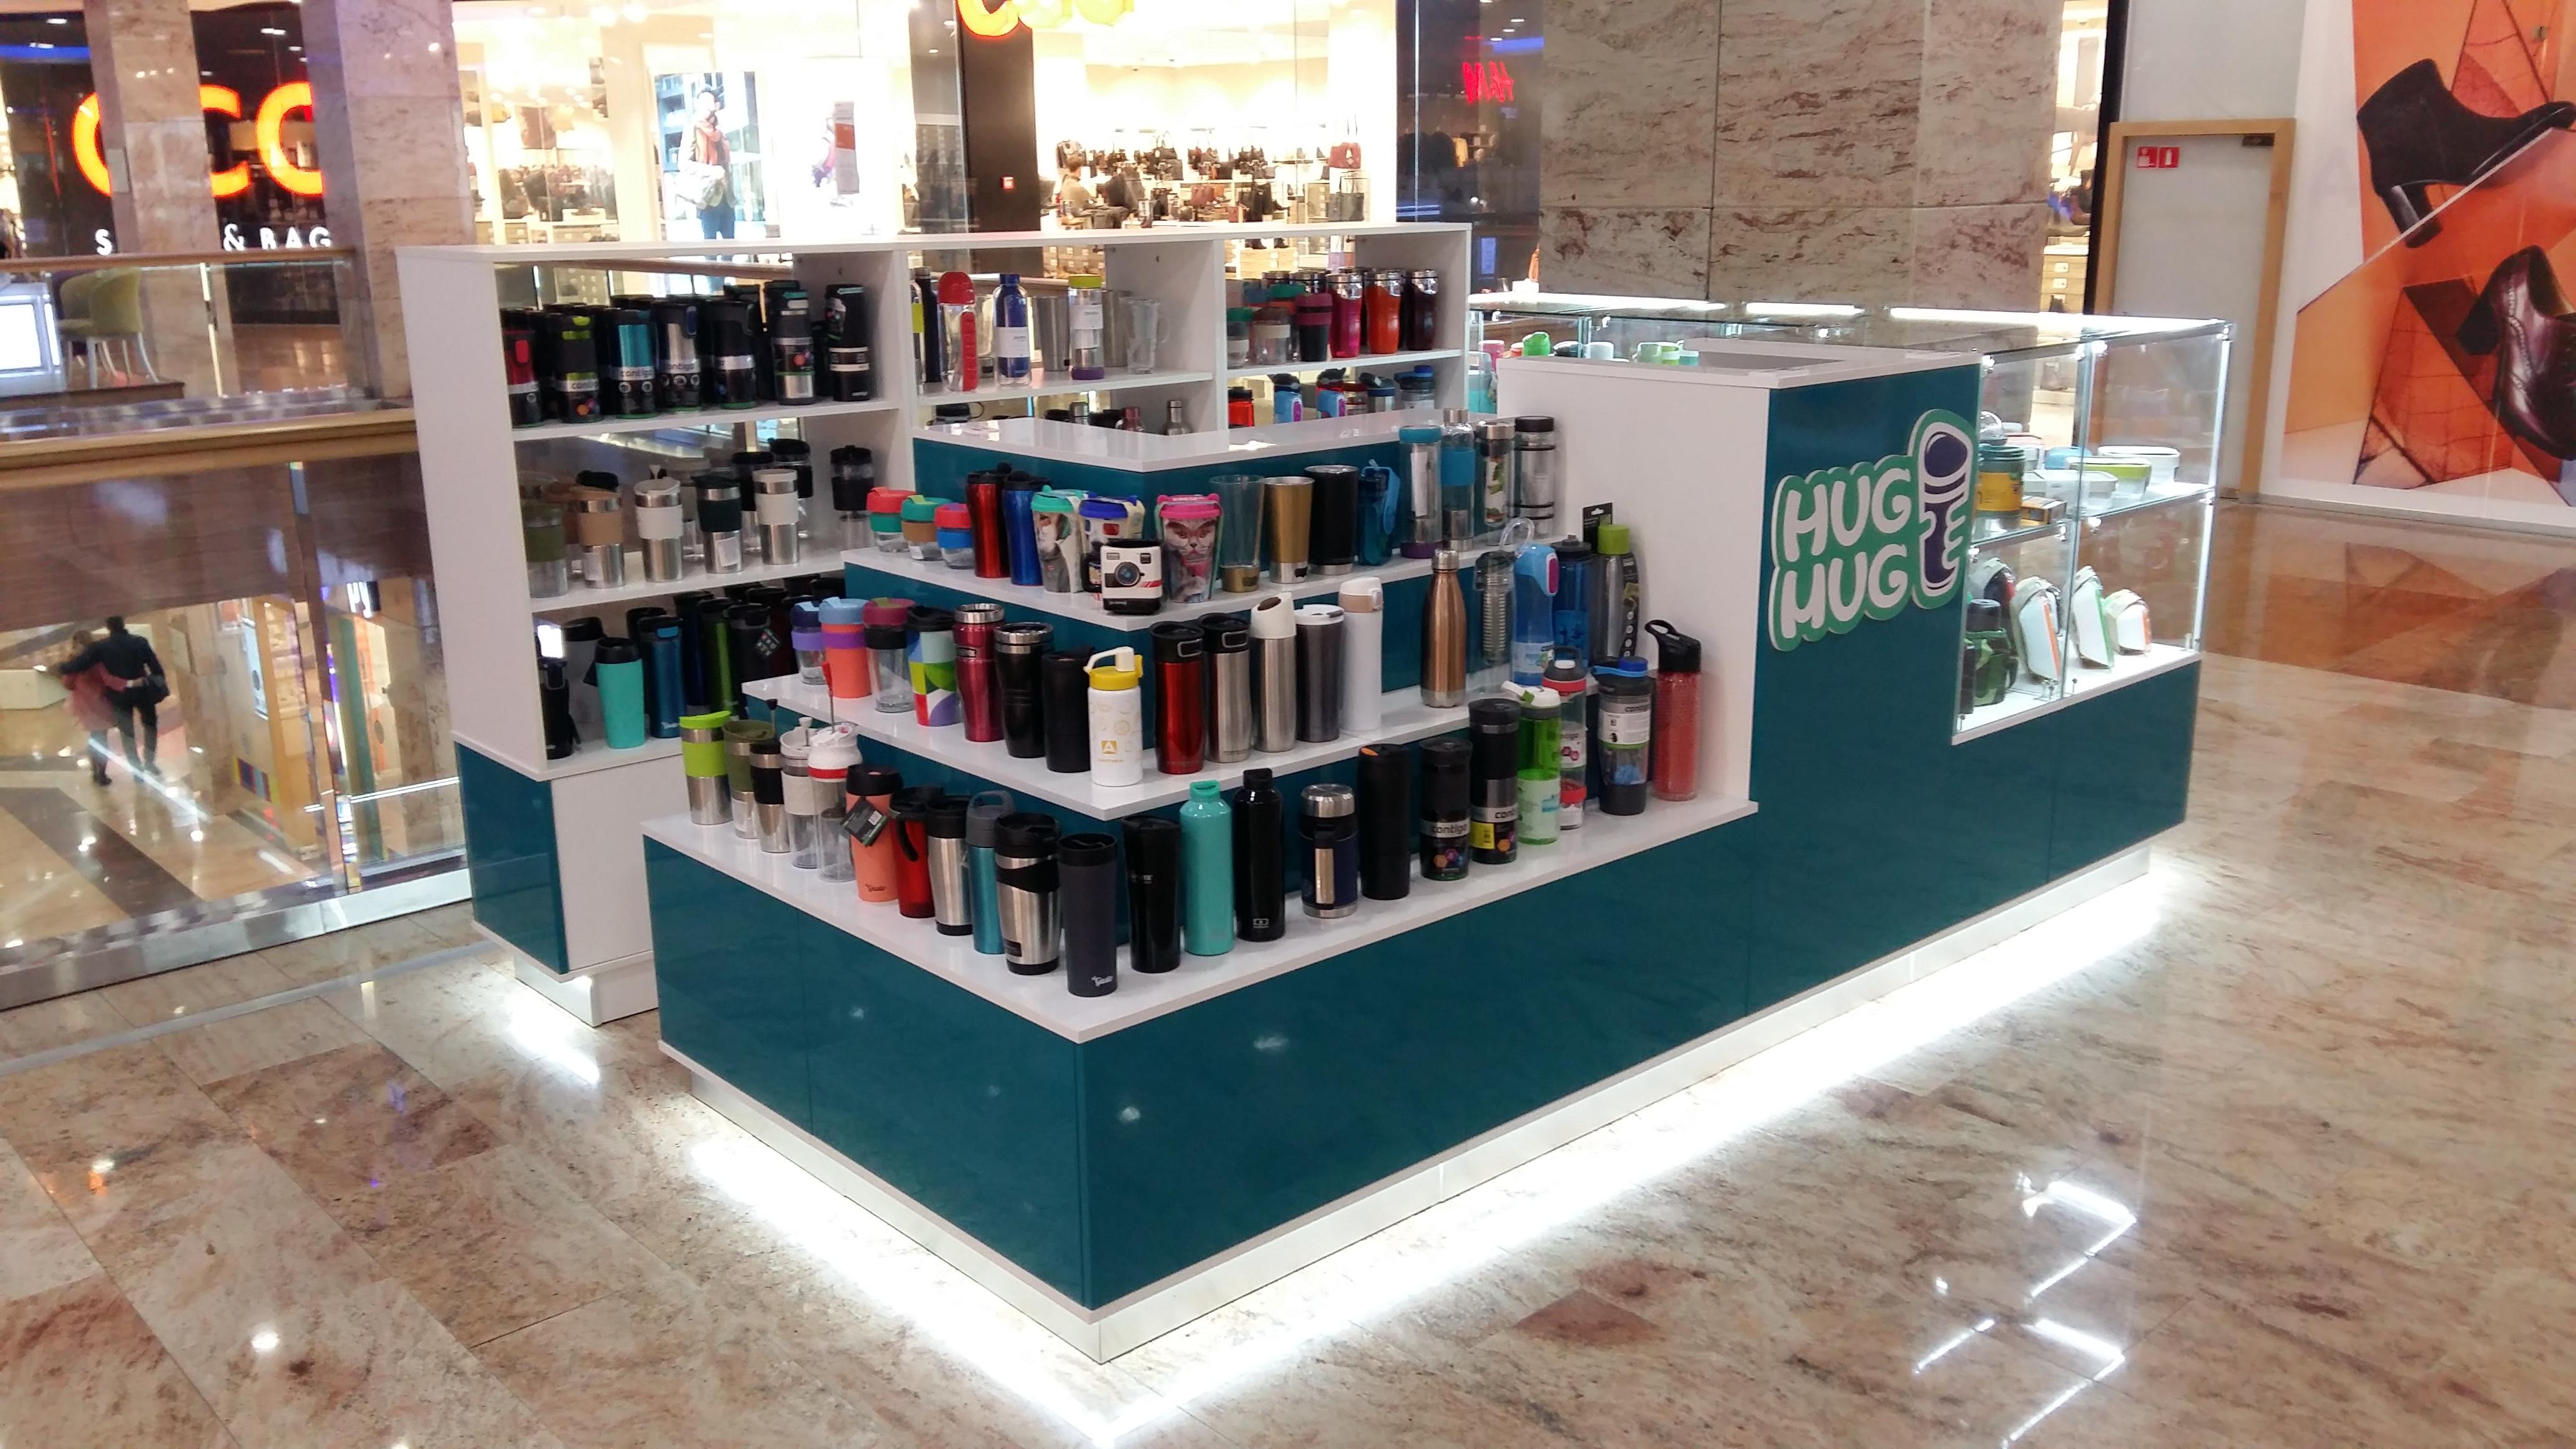 Розничный магазин HugMug в ТРК Райкин Плаза